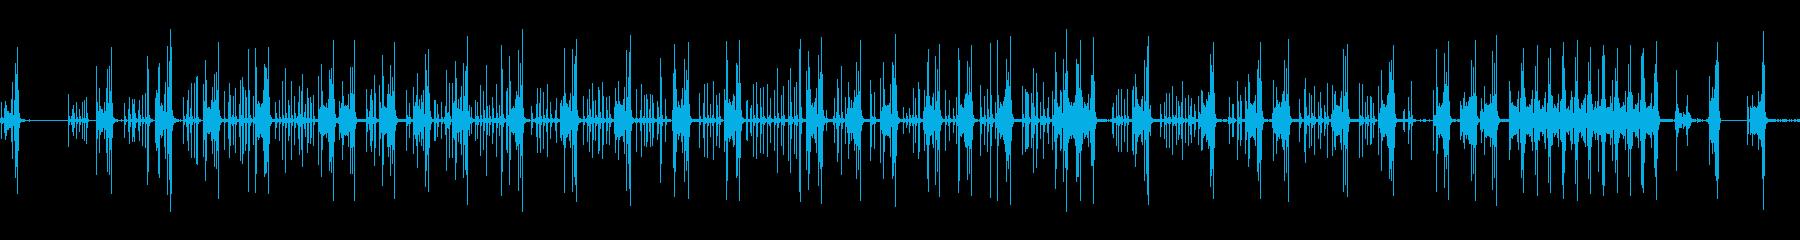 電子:数字の入力、涙紙、オフィス機...の再生済みの波形